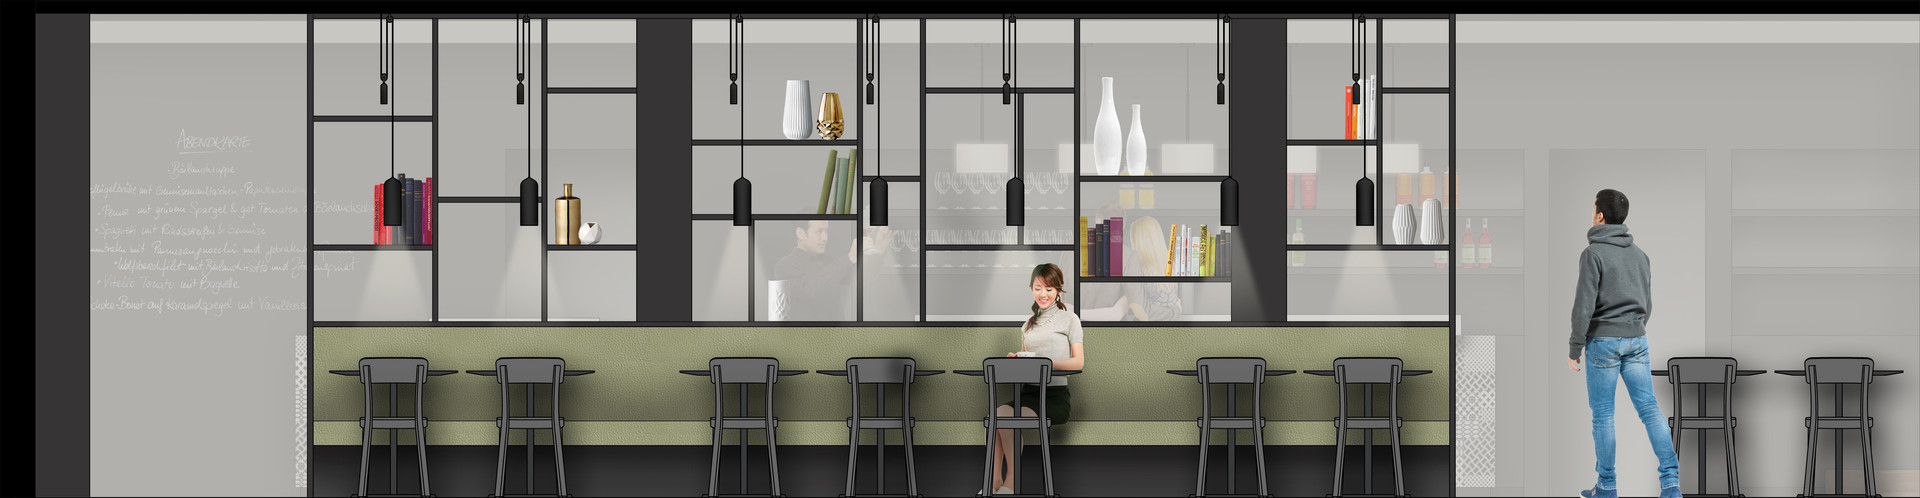 Barmade Innenarchitektur - Planungsphase für Brasserie Löwen